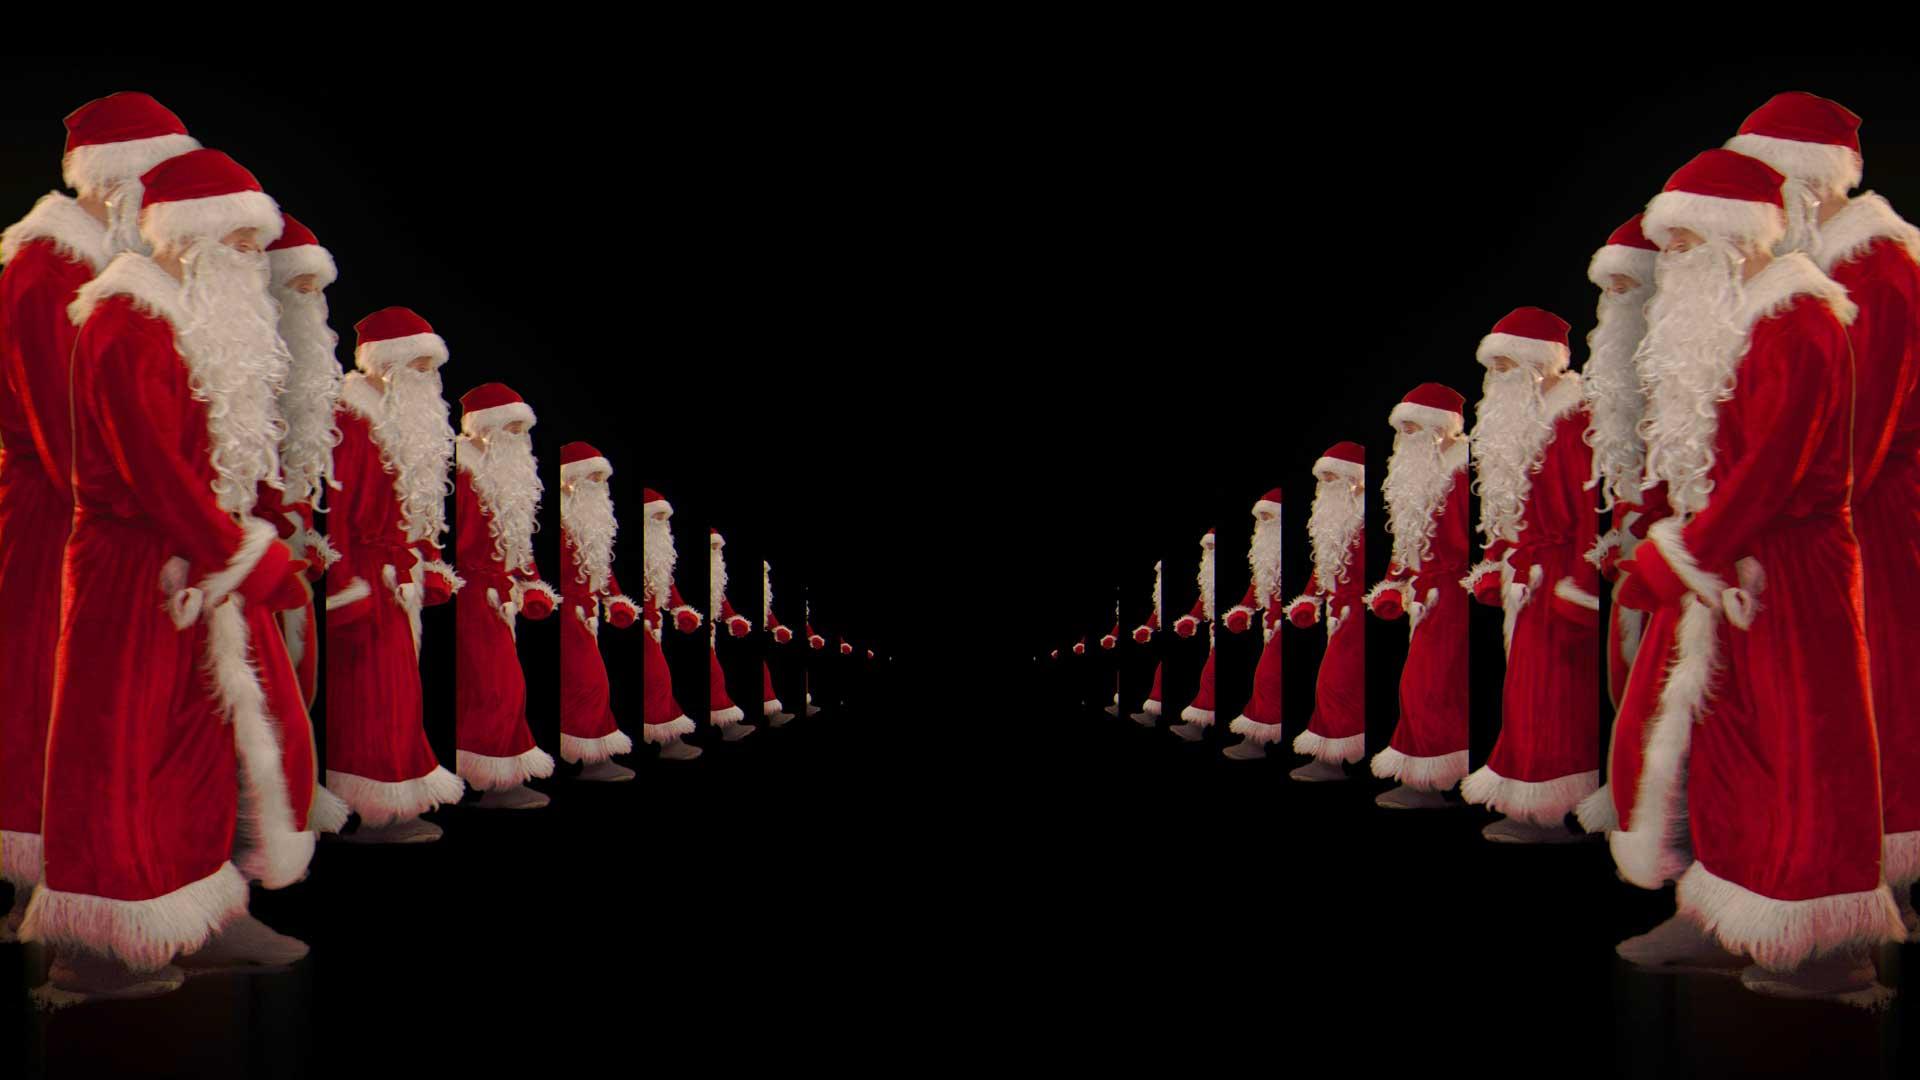 vj loops santa dance